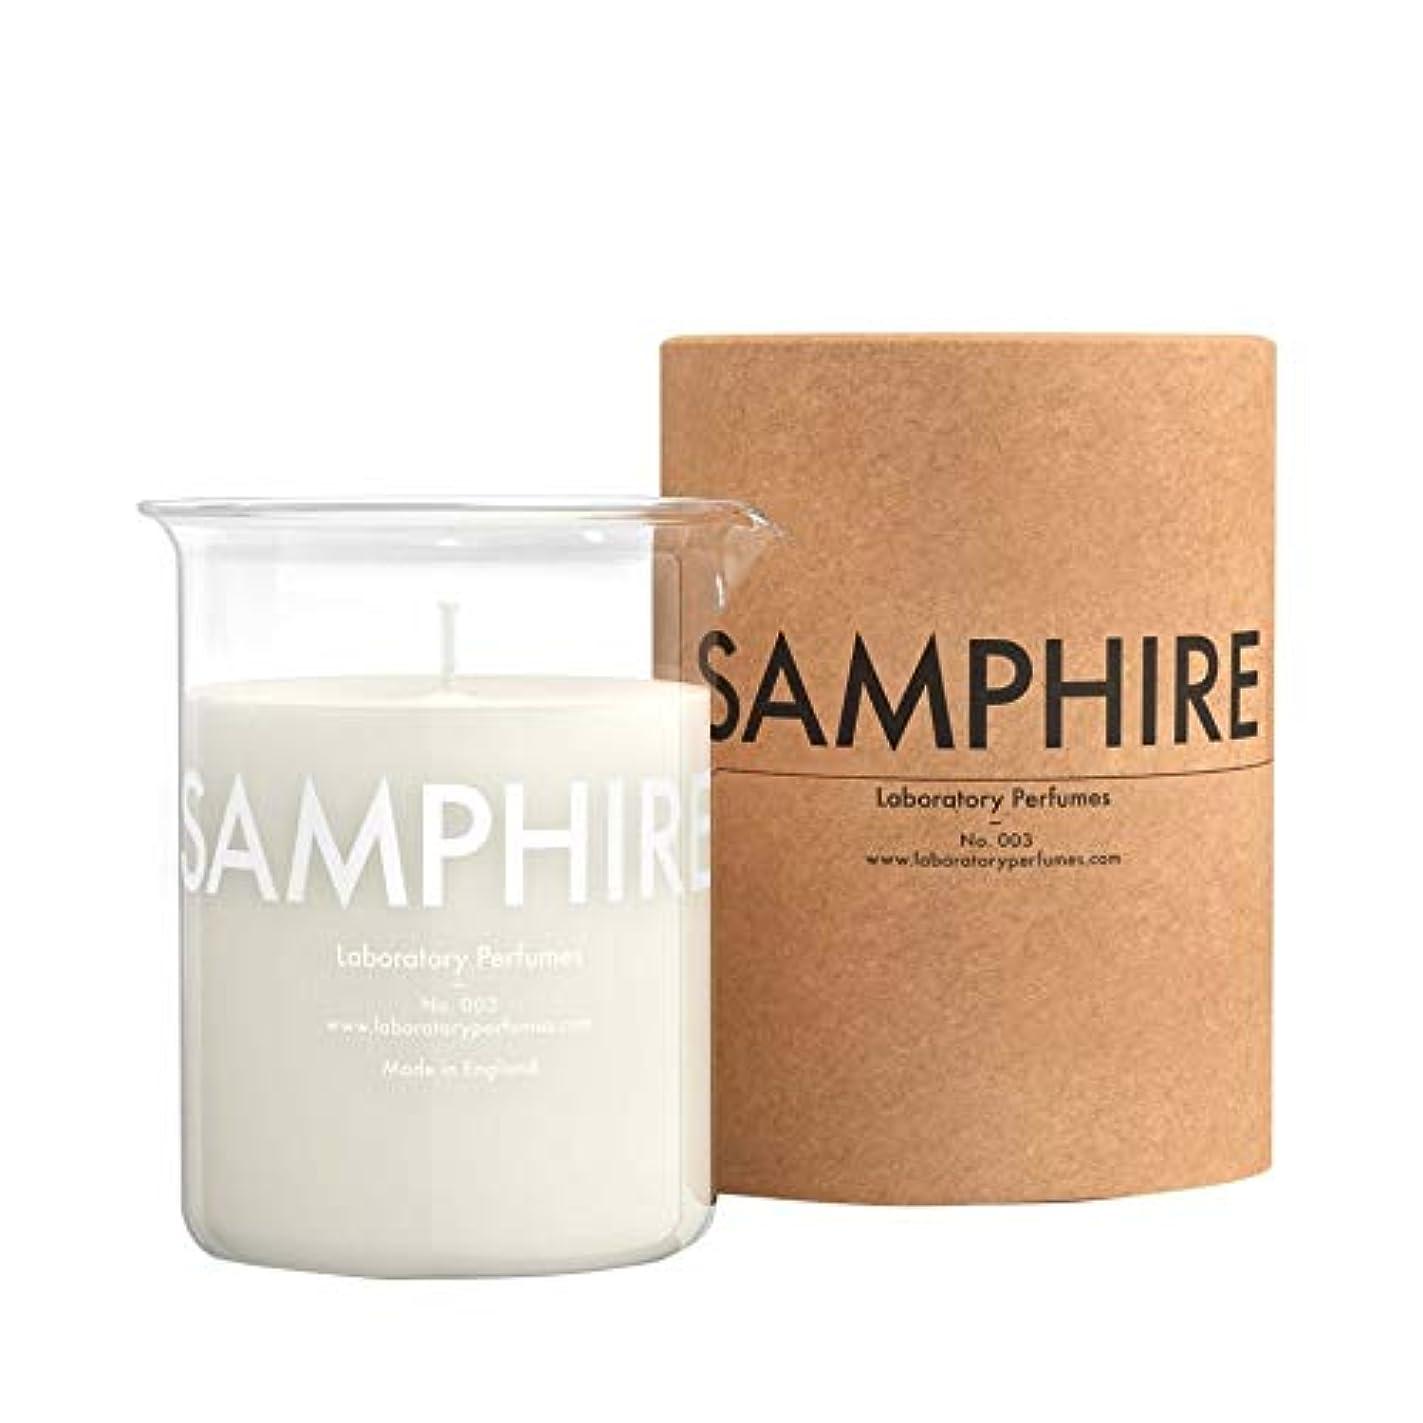 ライドコンクリート親[Laboratory Perfumes ] 実験室の香水なし。 033 Samphireフレグランスキャンドル - Laboratory Perfumes No. 033 Samphire Fragranced Candle [並行輸入品]